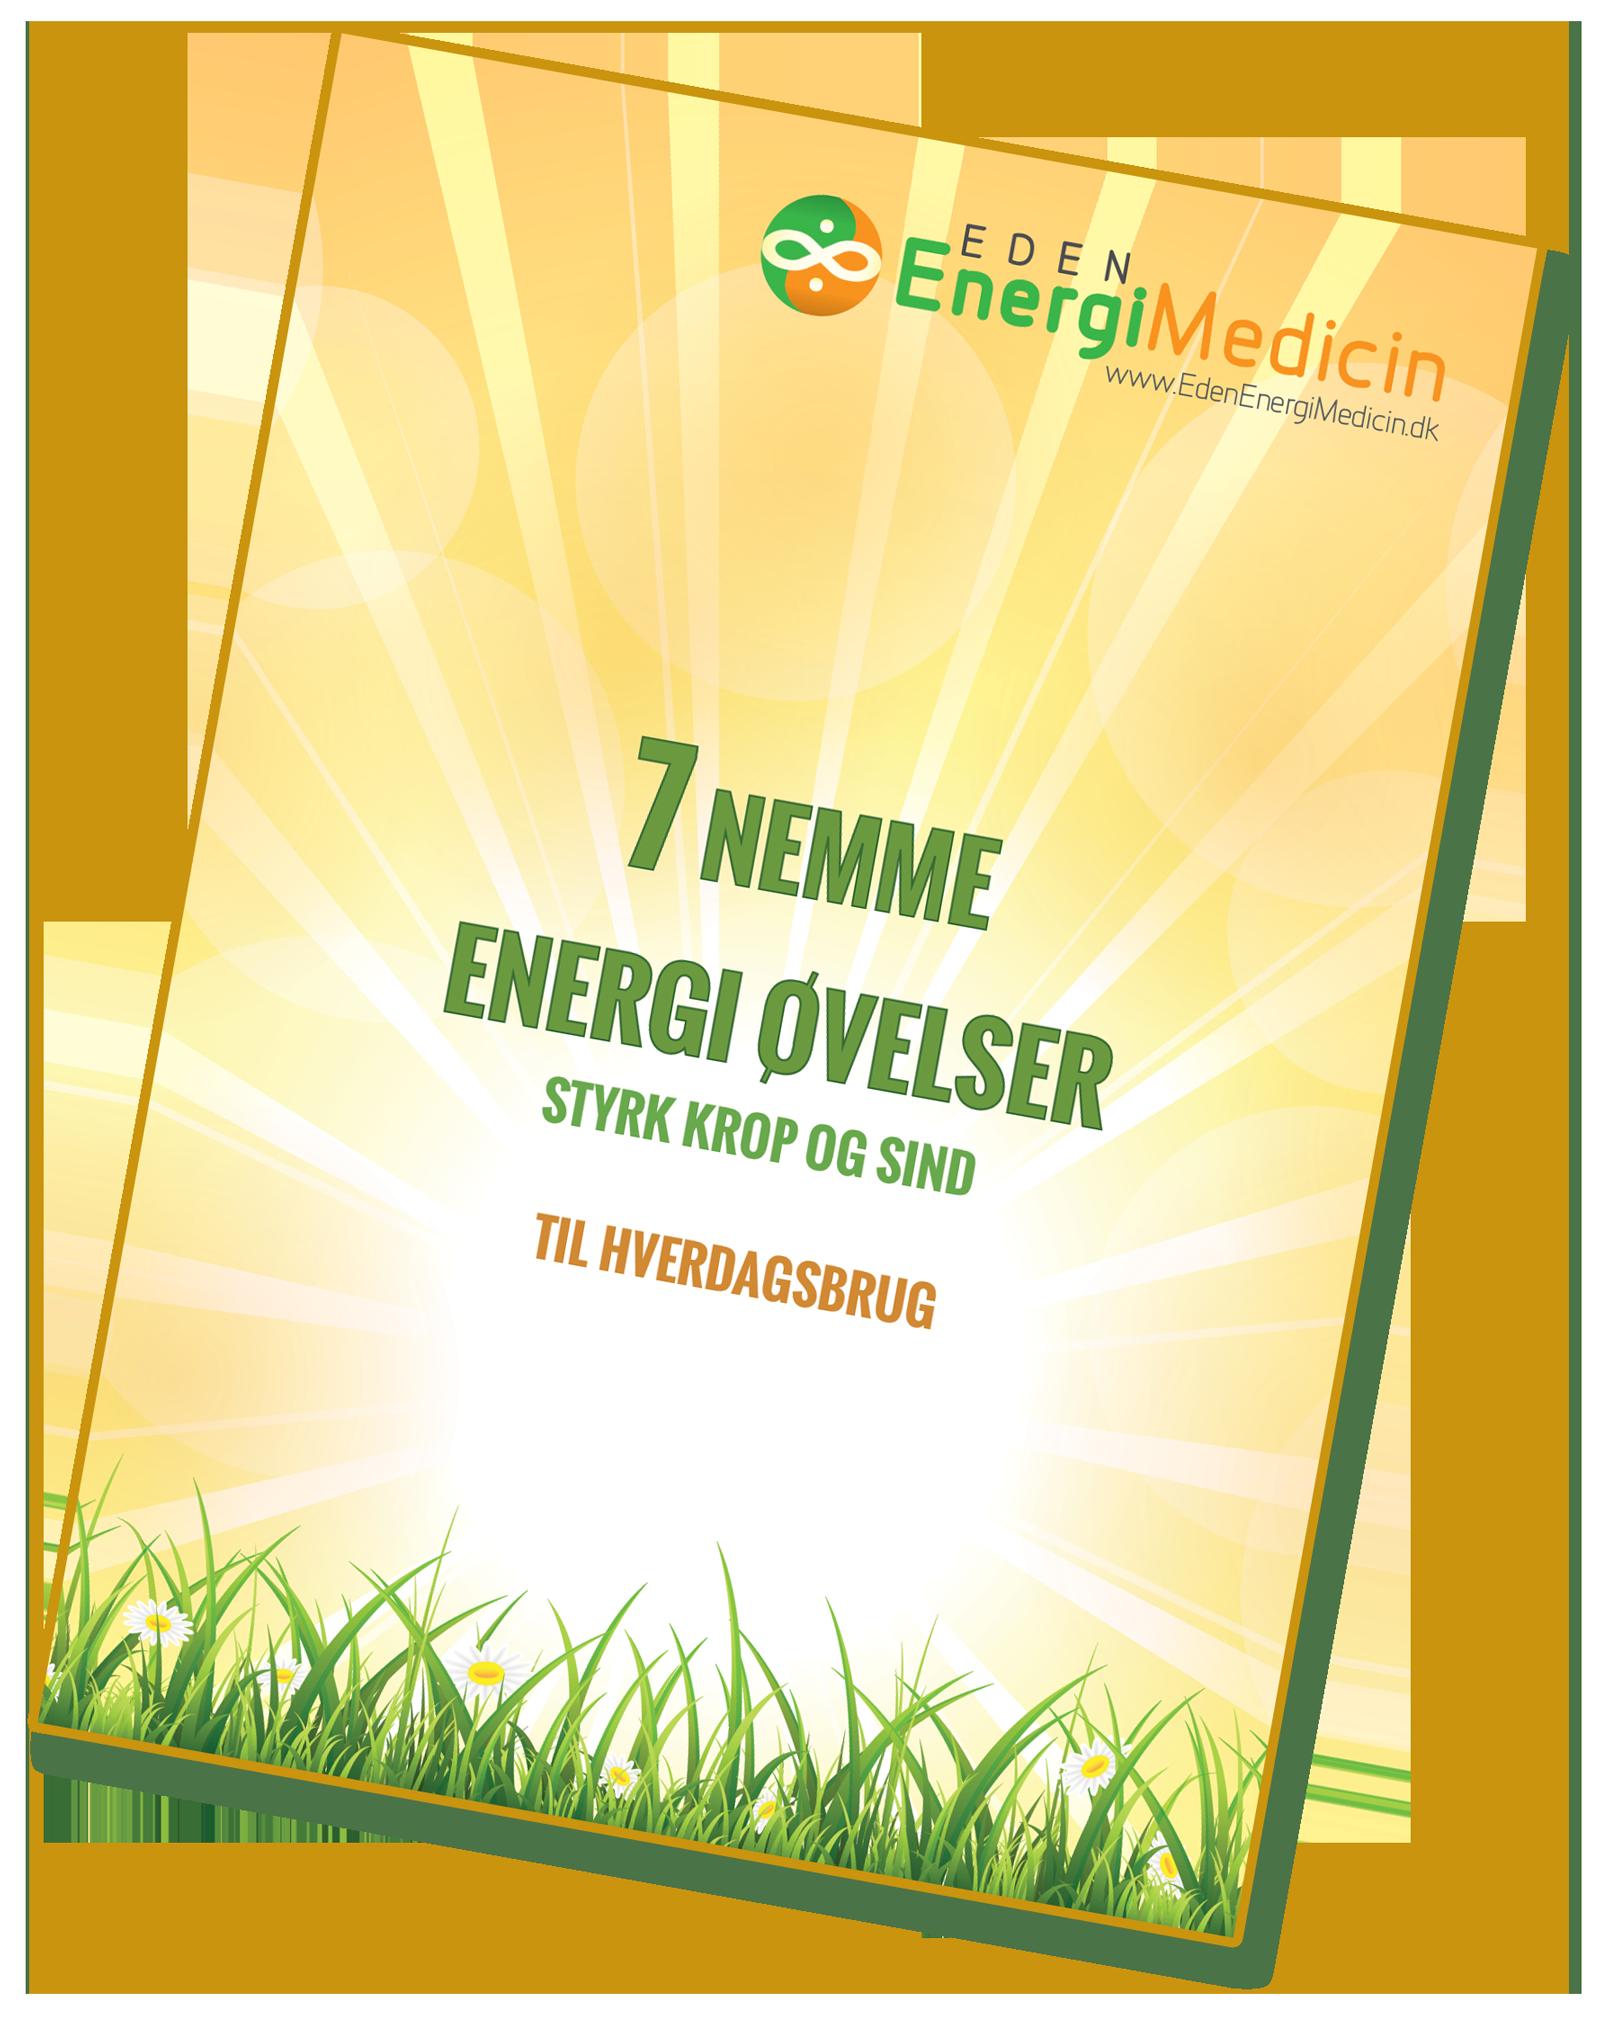 Få gratis 7 nemme energi øvelser i din inbox